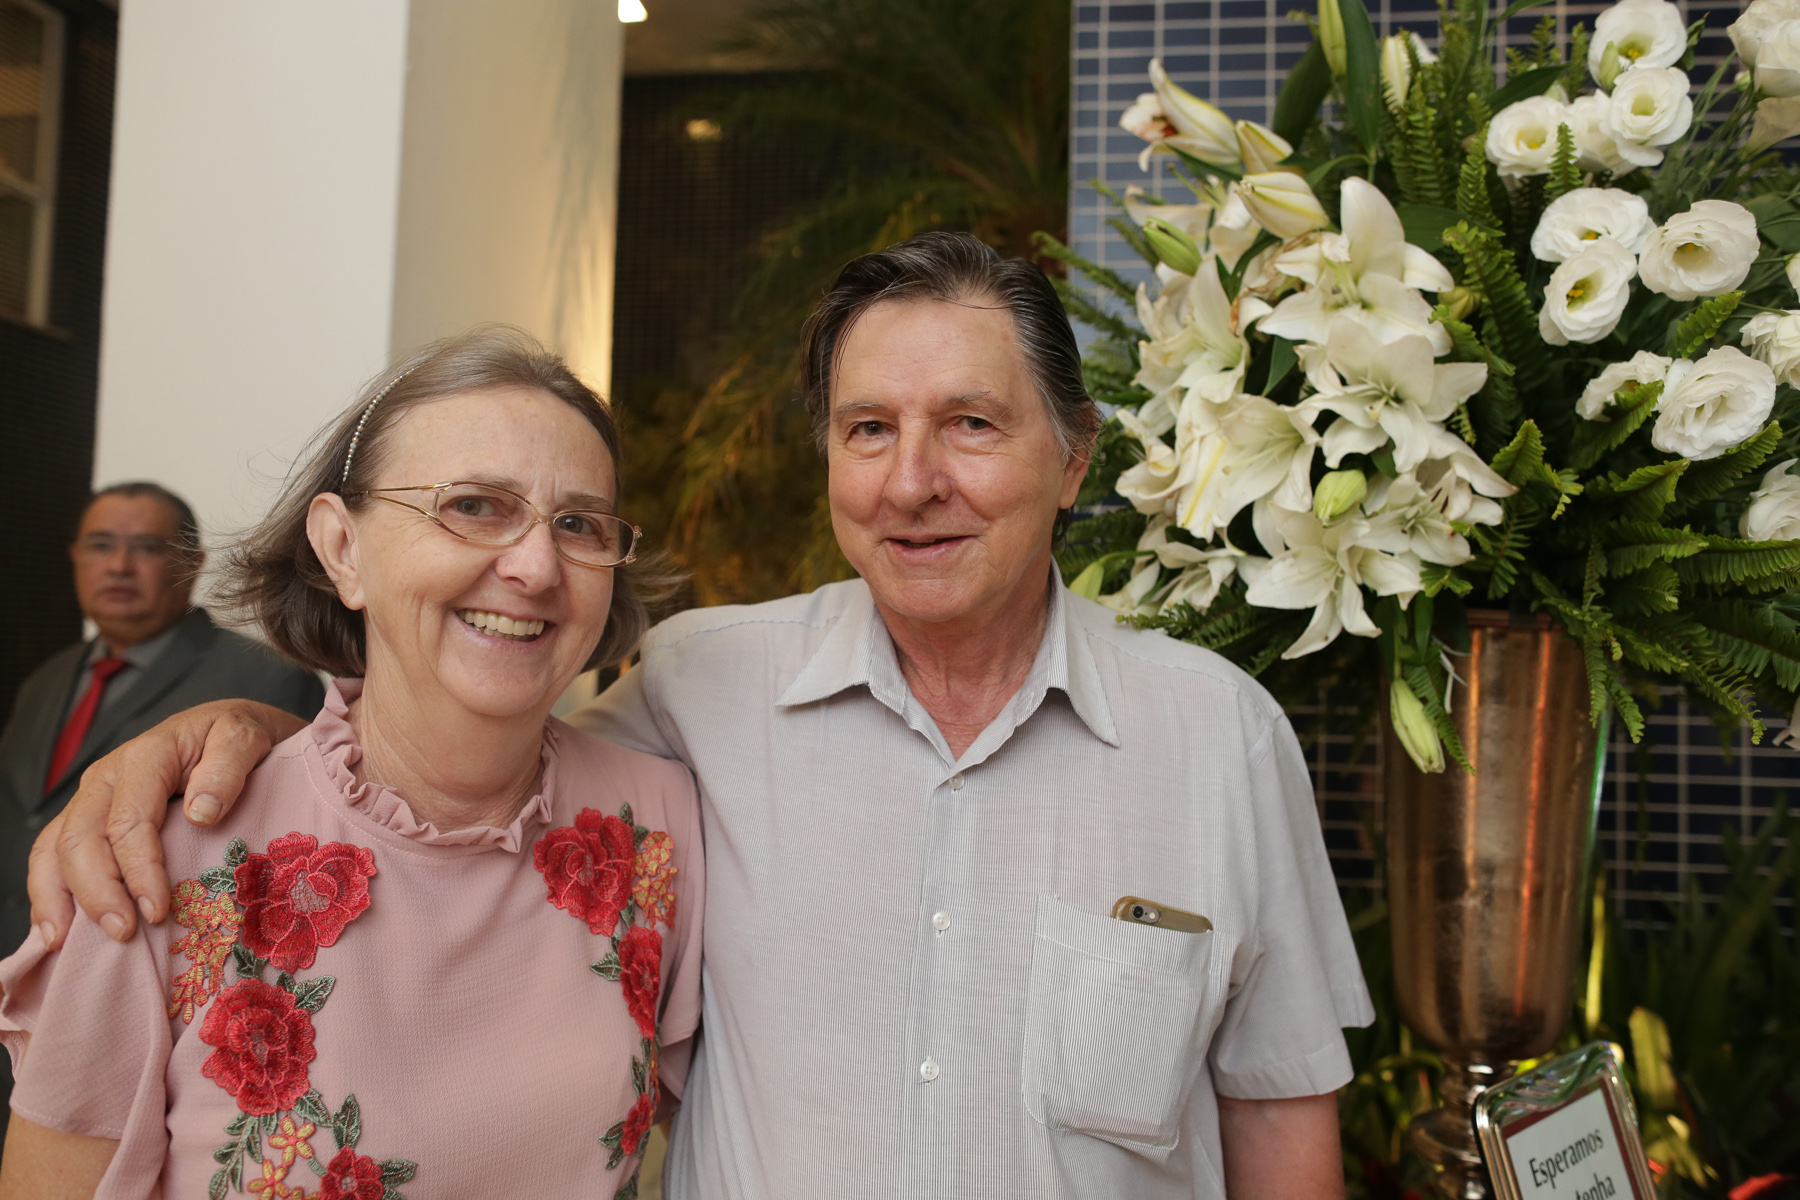 Ilson e Helena Carloto prestigiando a entrega do Edifício Rodin.